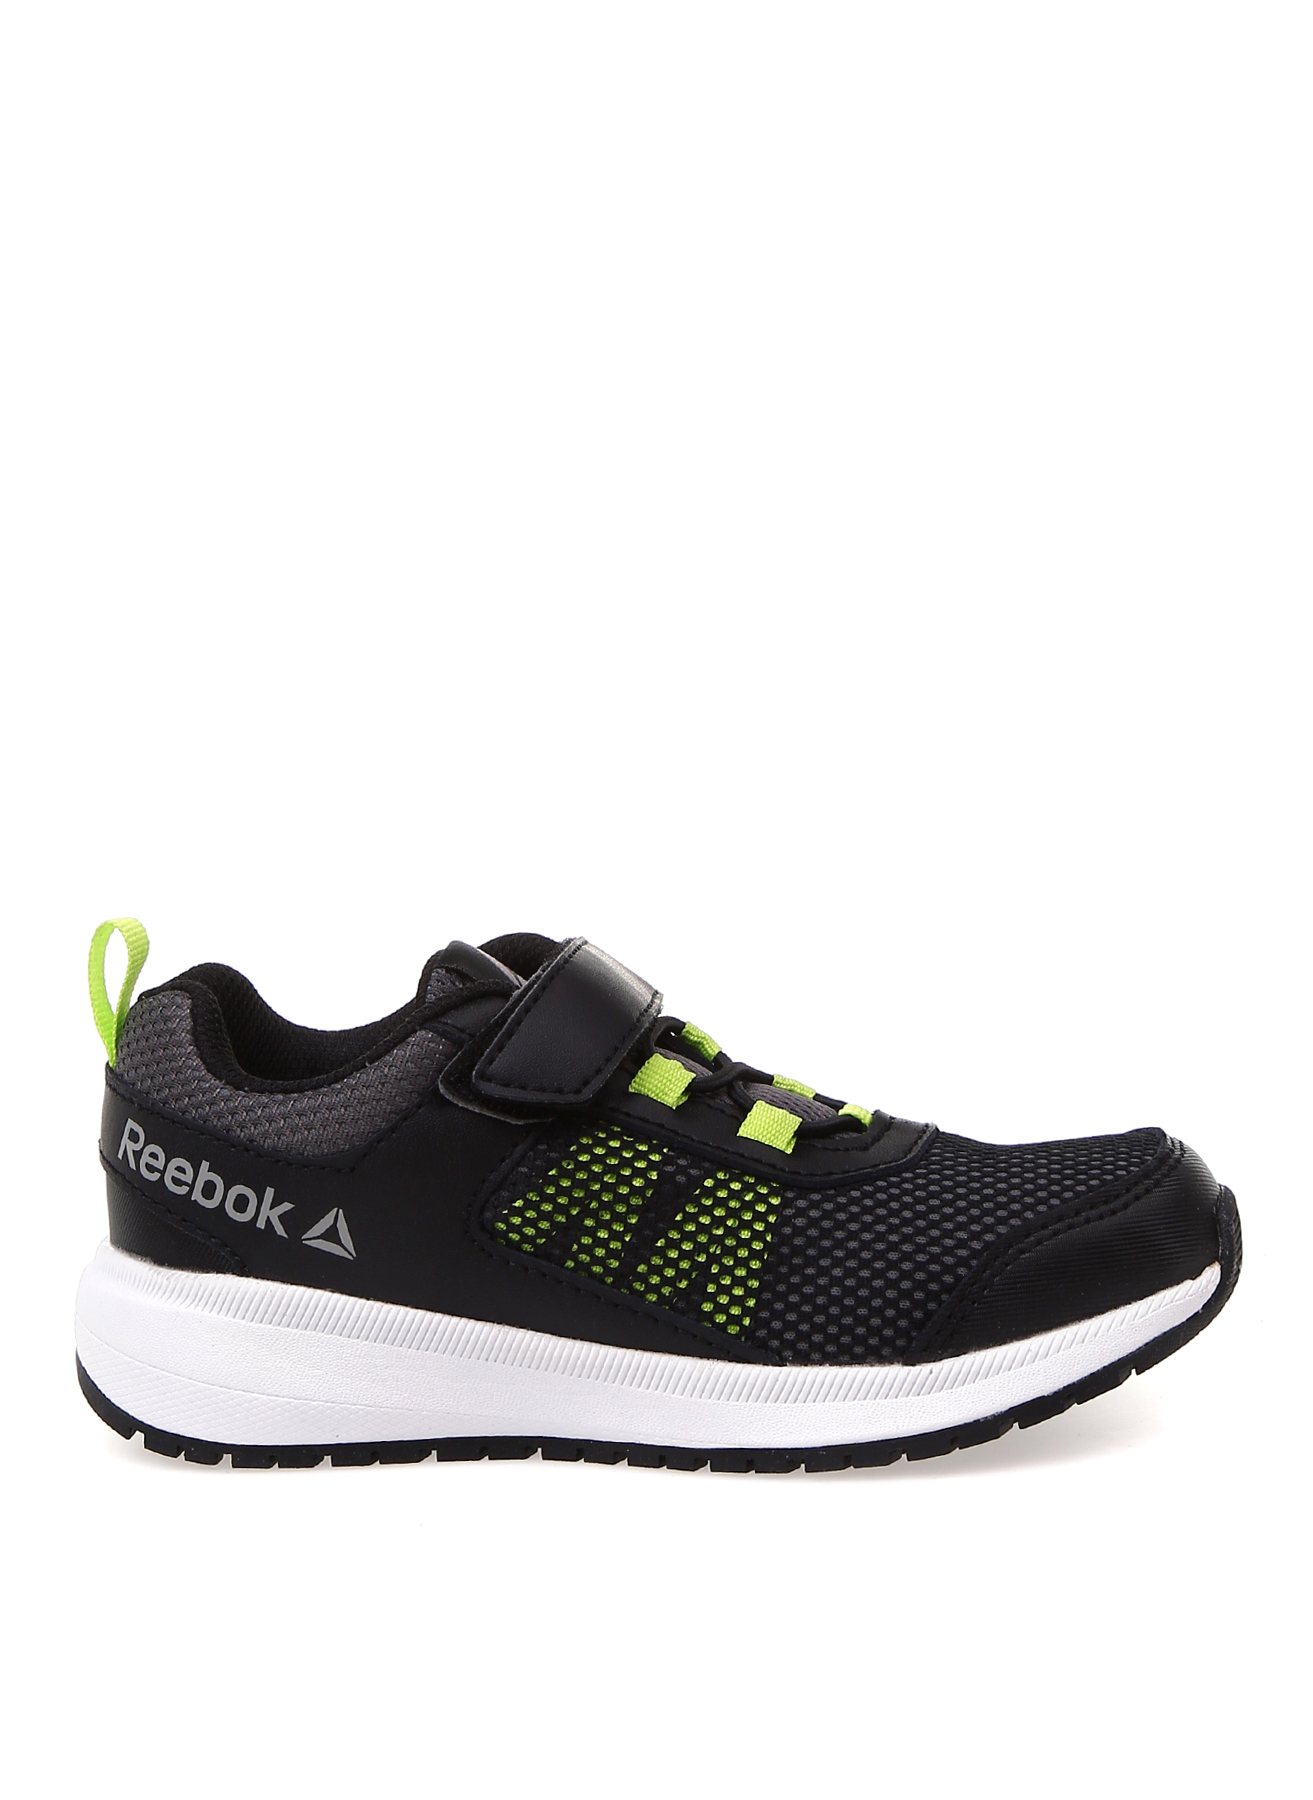 d8f8da528aa57 27 Erkek Siyah - Gri Yeşil Reebok CN8570 Road Supreme Koşu Ayakkabısı  5002359222001 & Çanta Çocuk